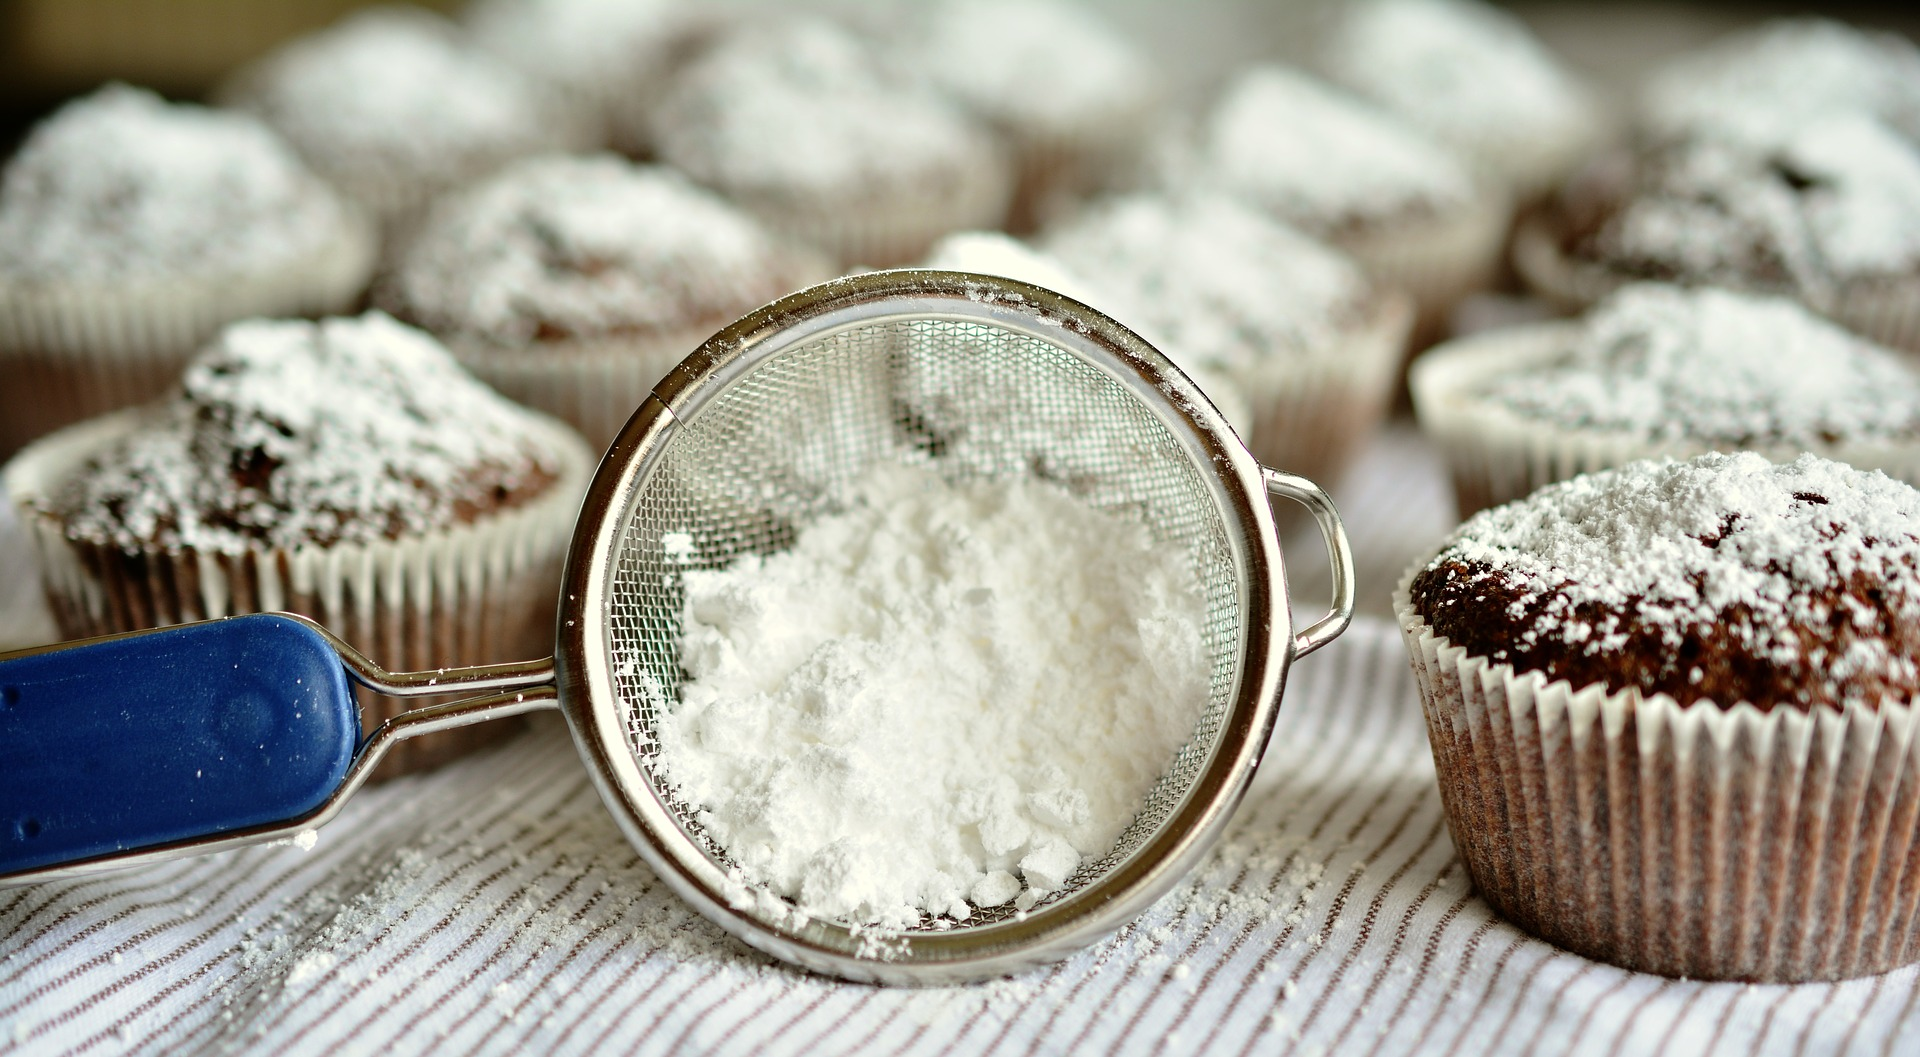 icing-sugar-3313099_1920 - Kopie